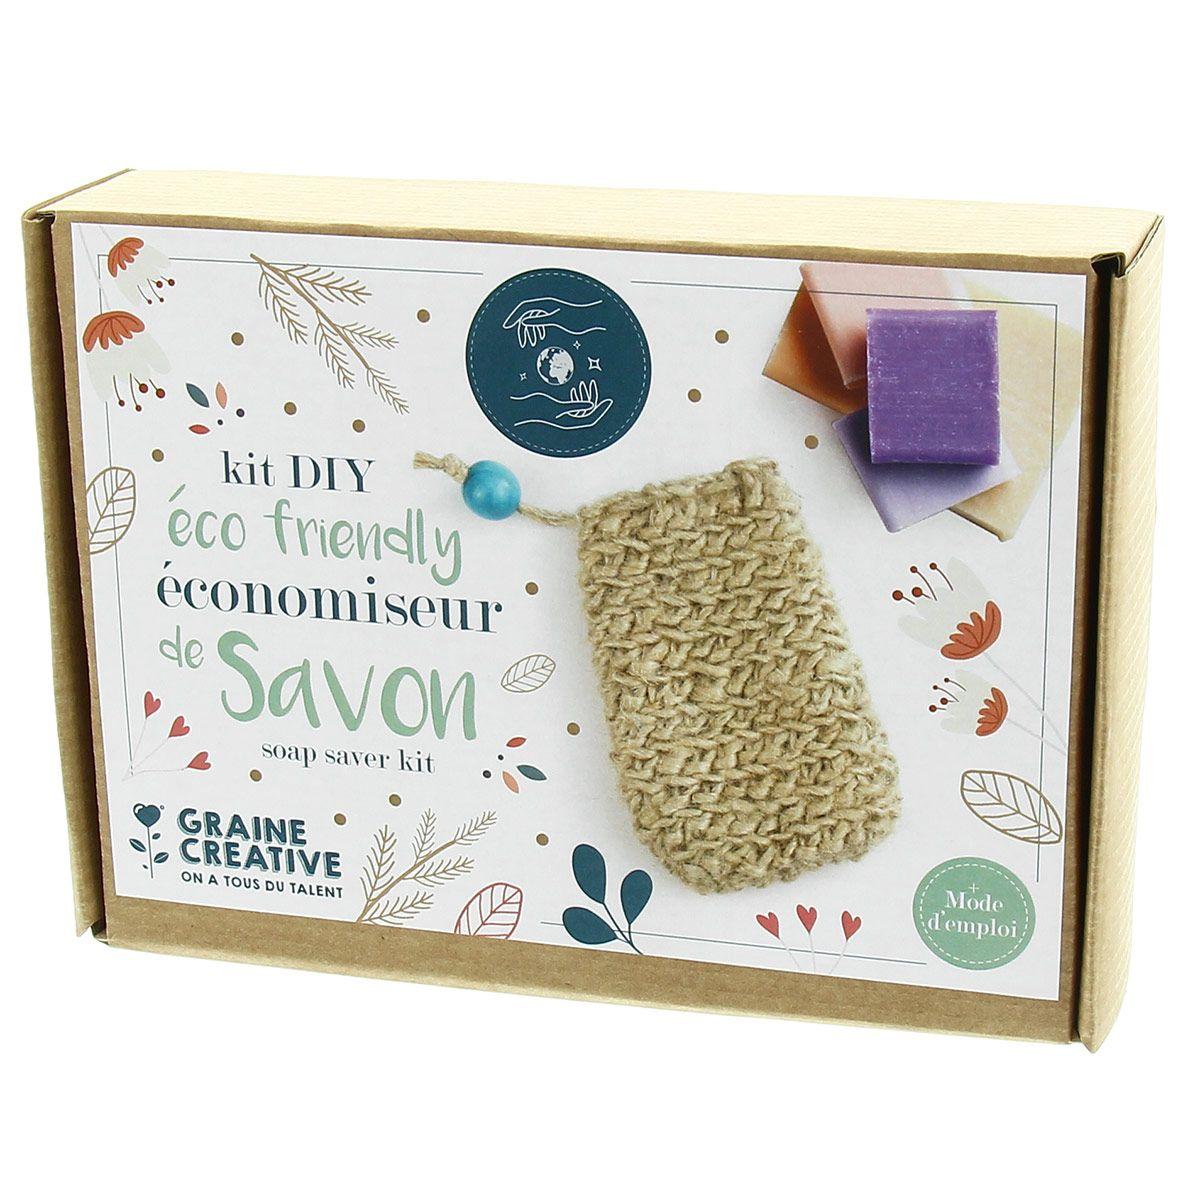 Kit DIY éco friendly - Economiseur de savon